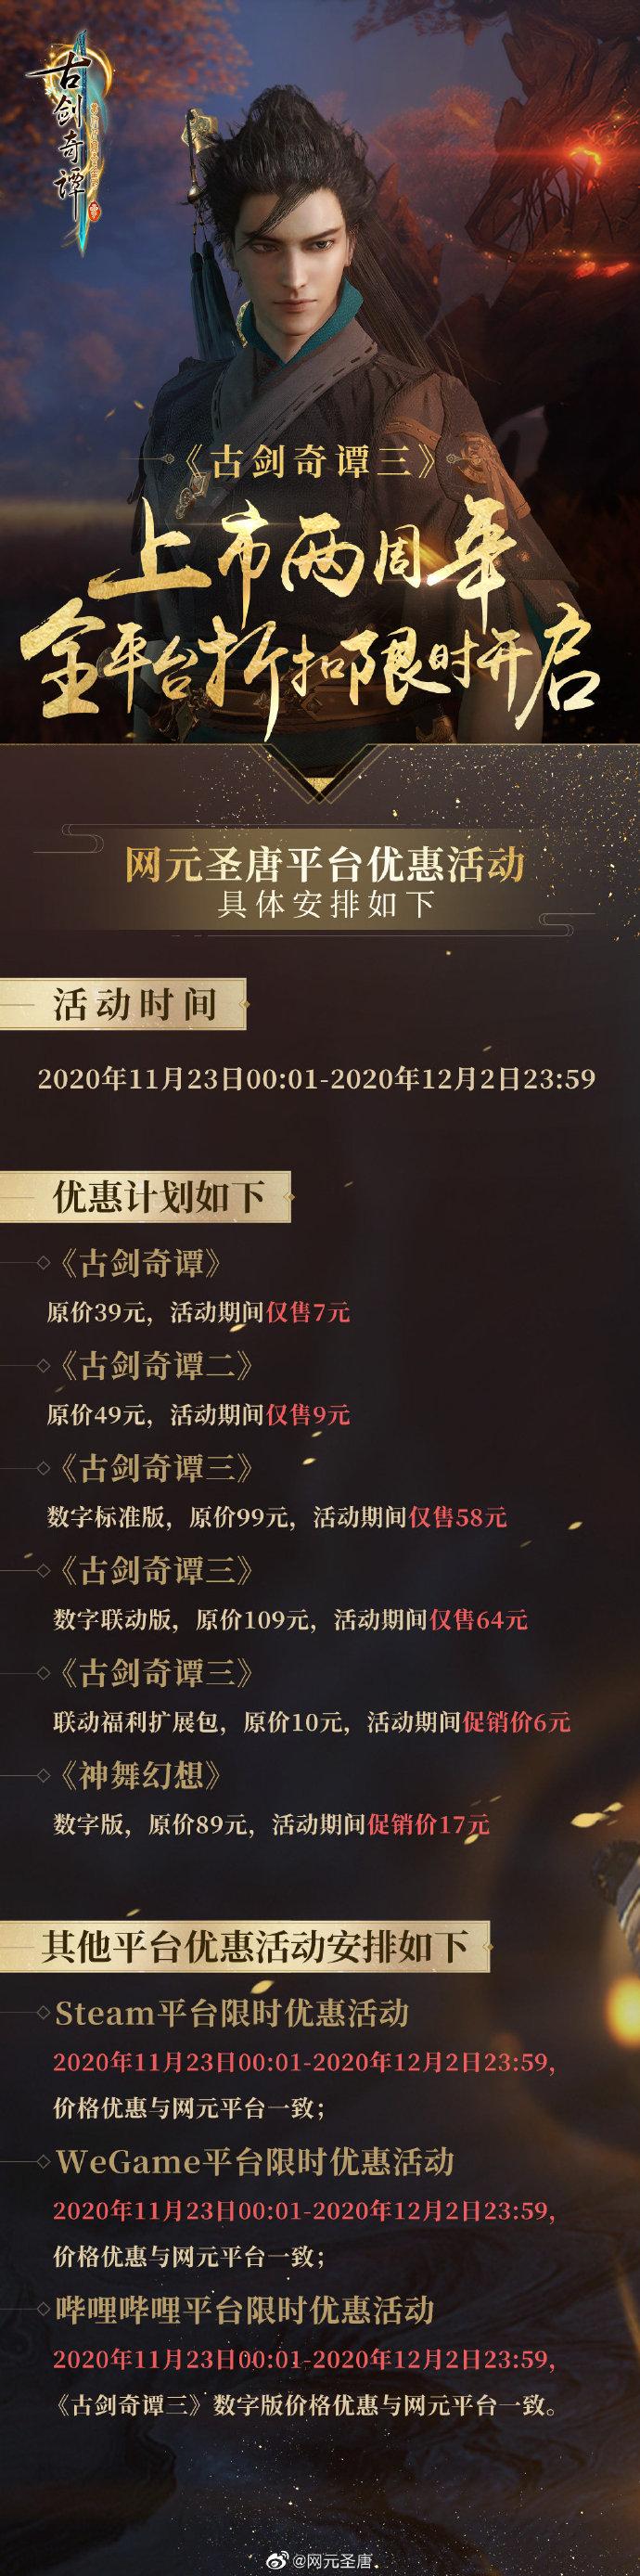 《古剑奇谭3》上市两周年!全平台限时折扣开启